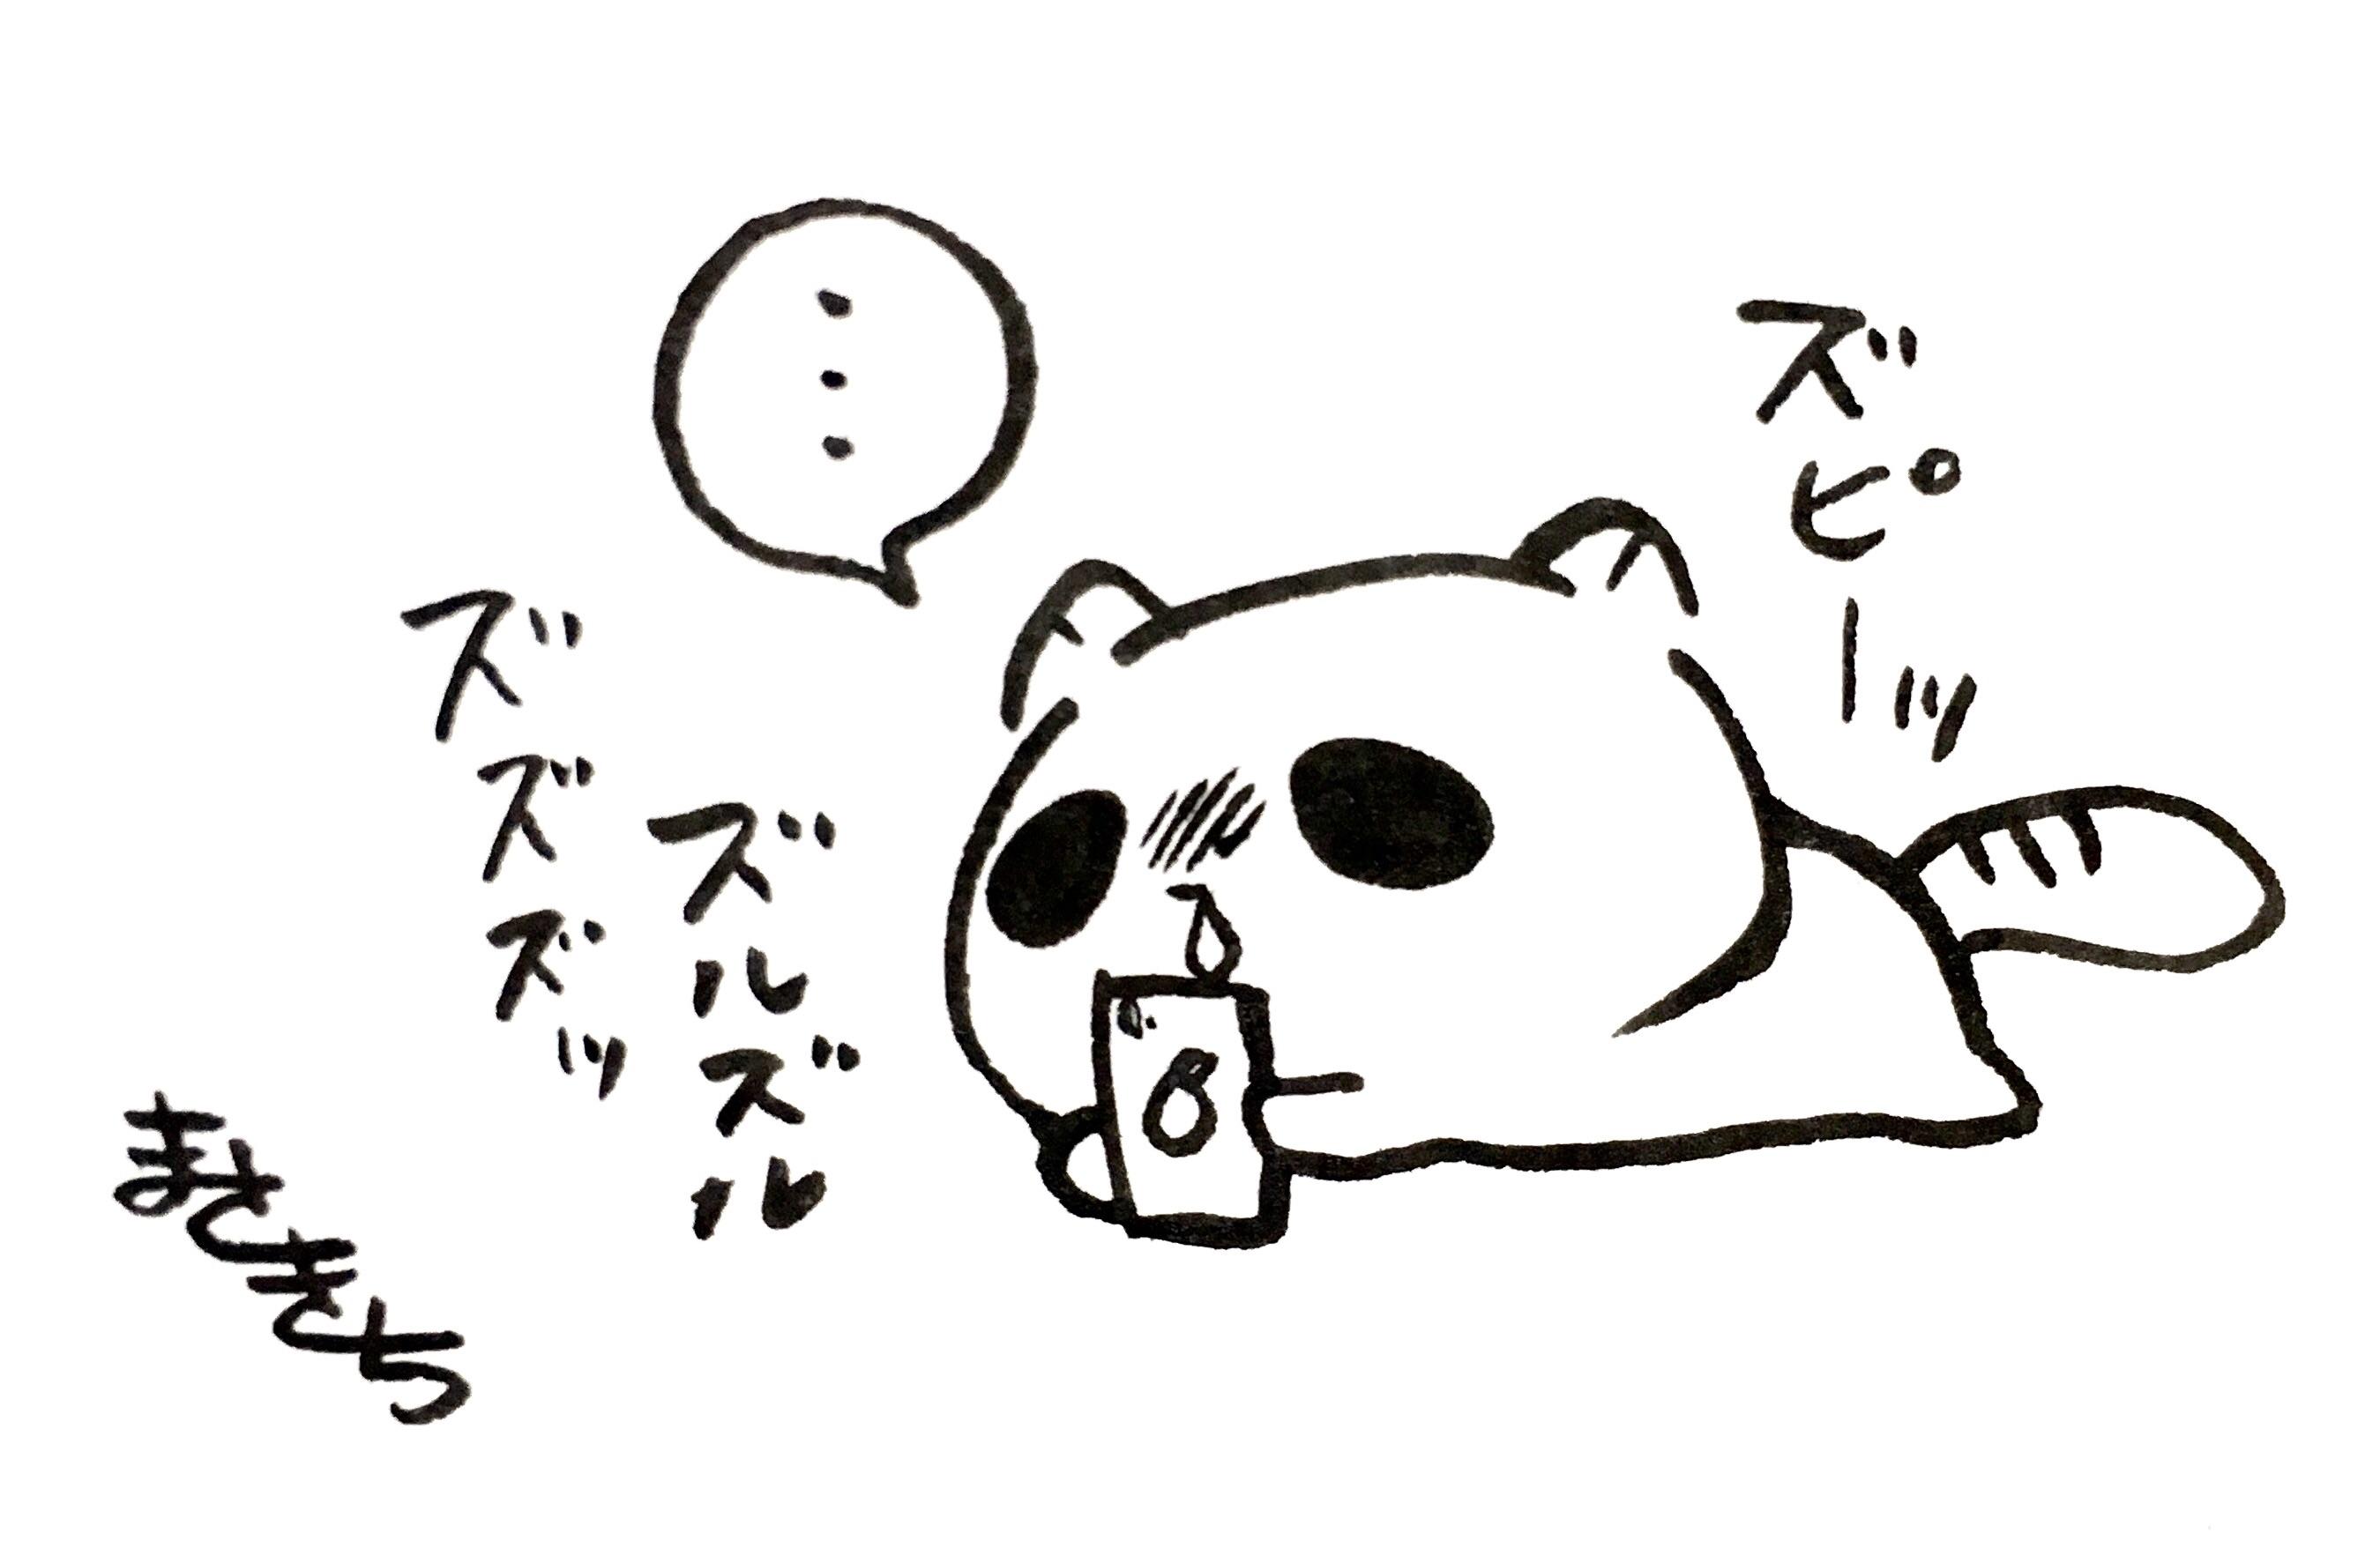 f:id:miyamasaki:20170520043834j:image